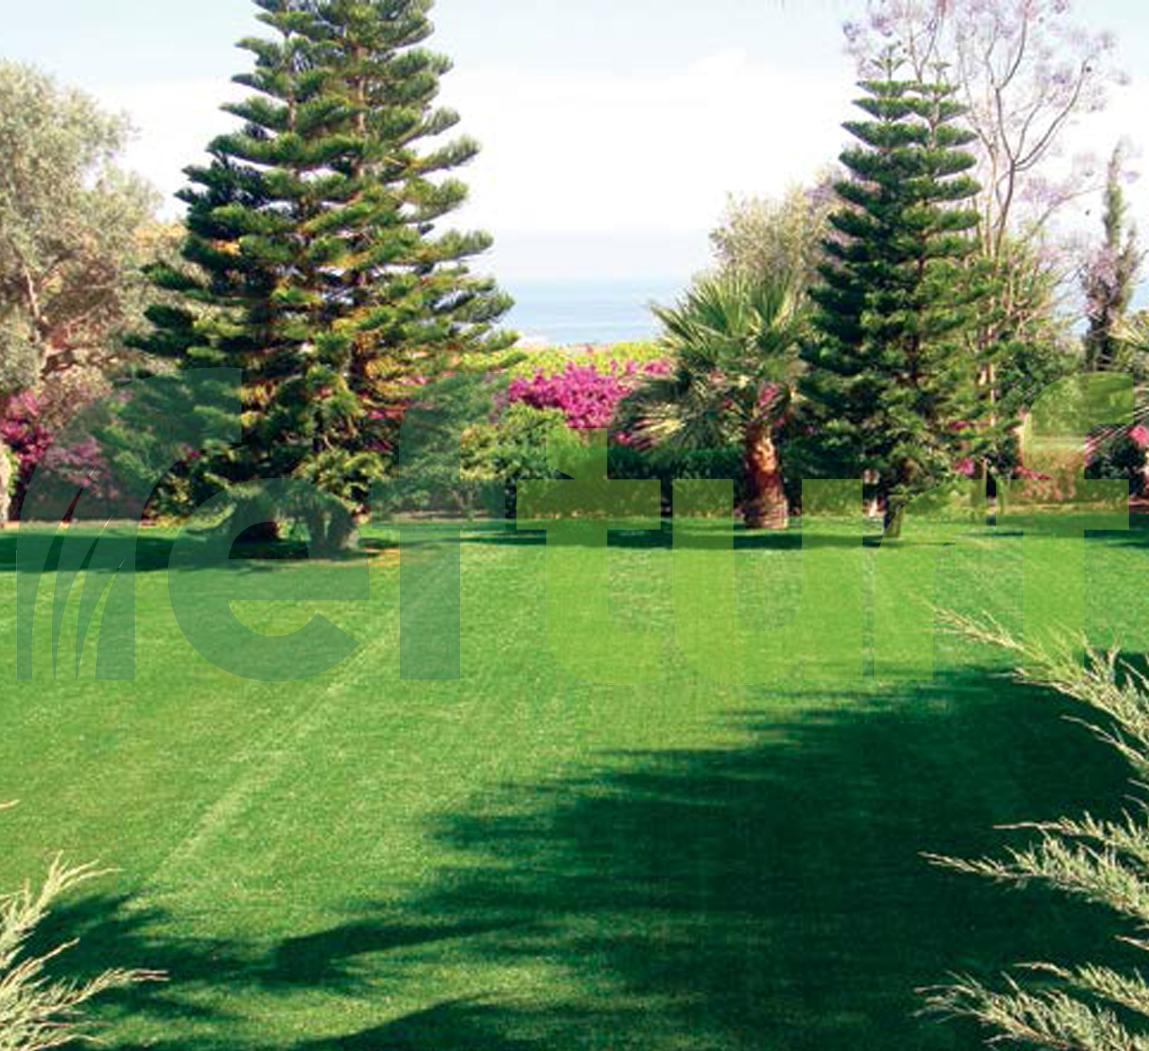 suni çim bakımı, yeşillik, doğa, doğa fotoğrafı, ağaç,